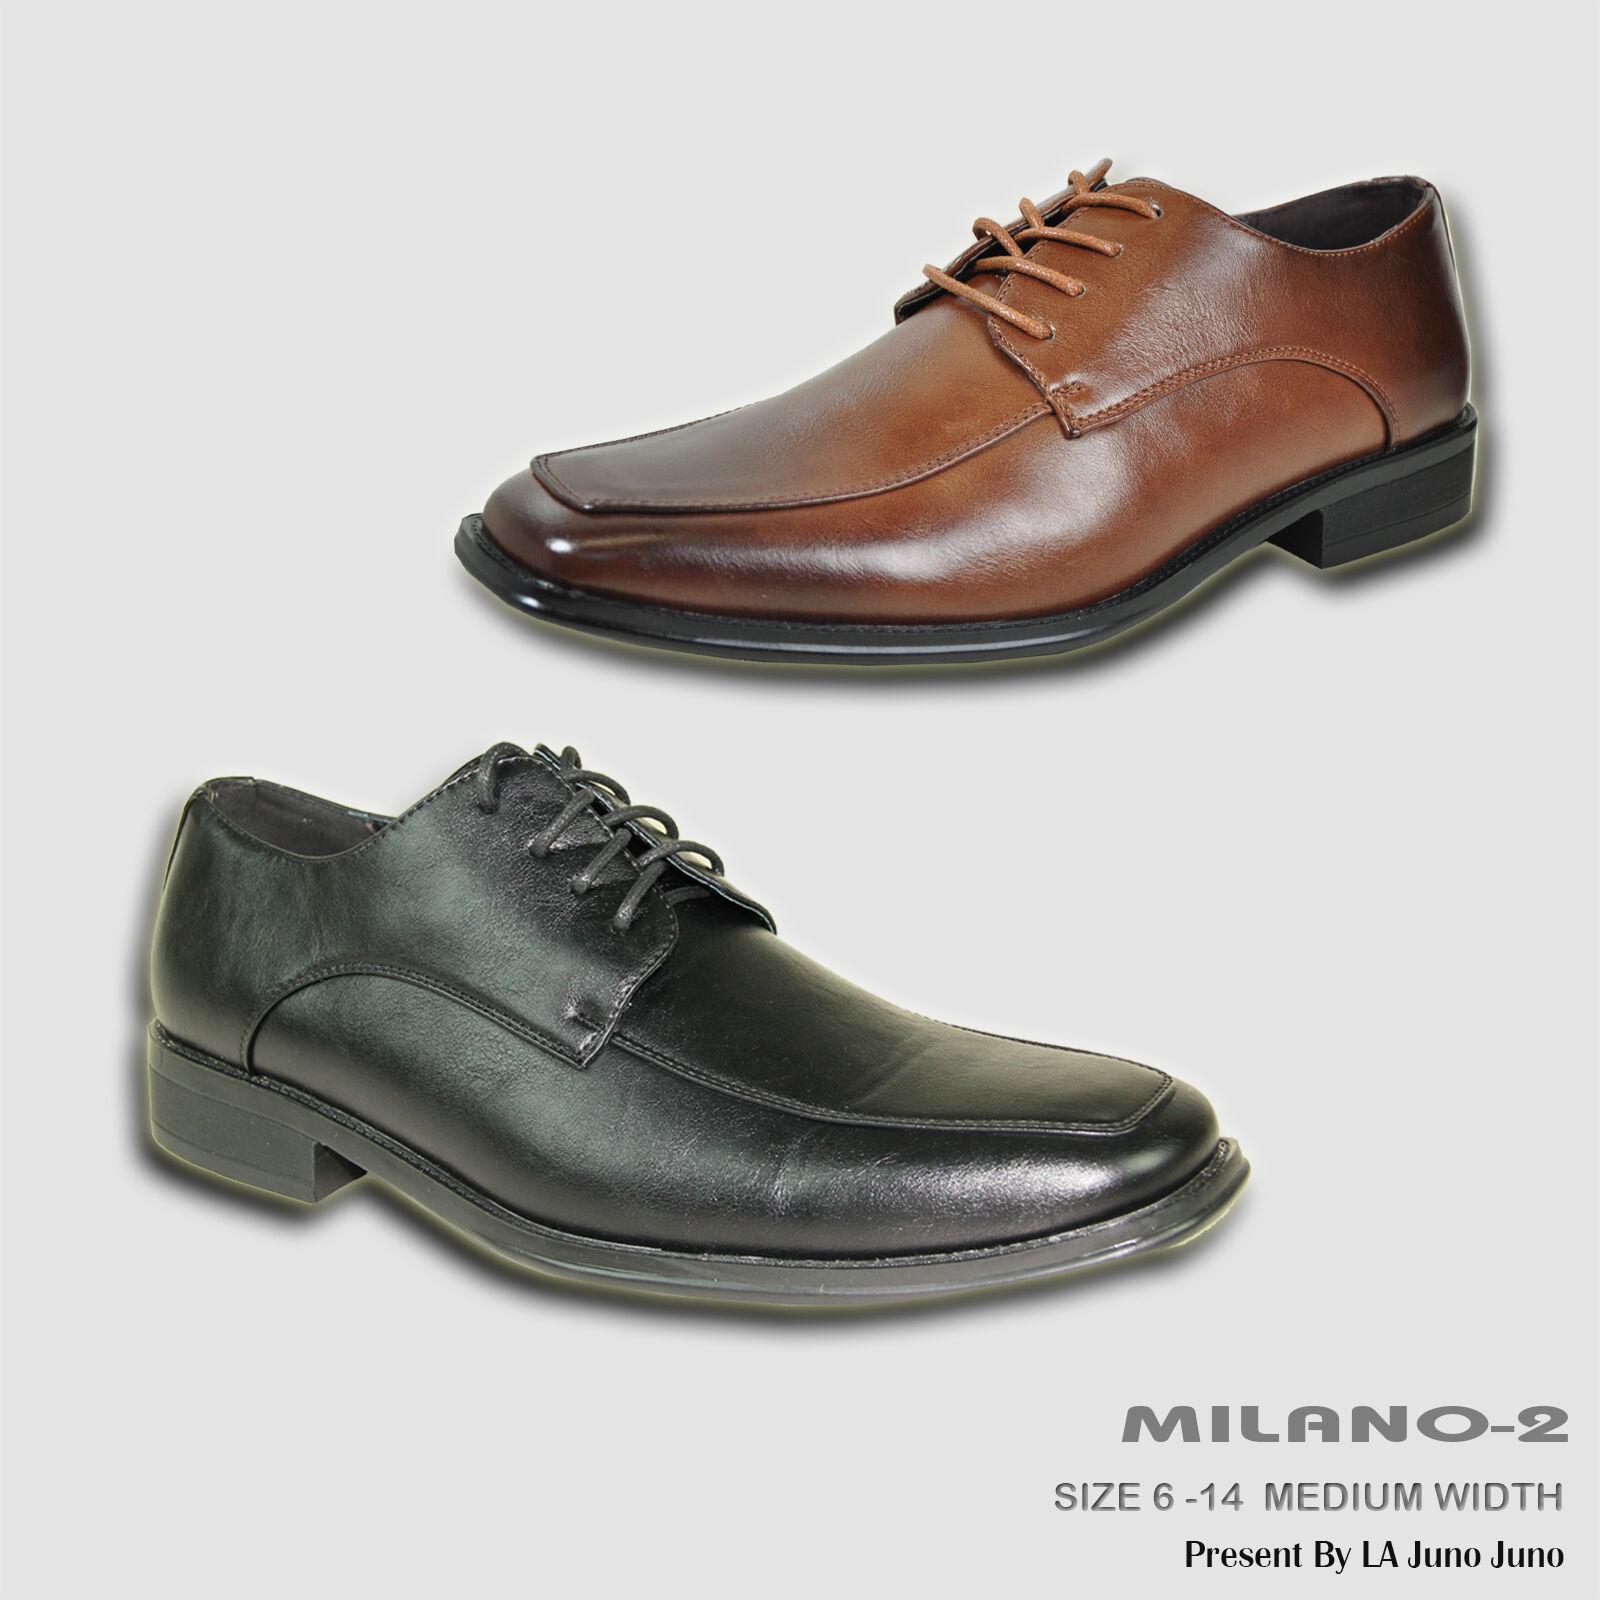 BRAVO New Men Dress Square Shoe MILANO-2 Classic Oxford Square Dress Moc Toe Leather Lining 0d168c